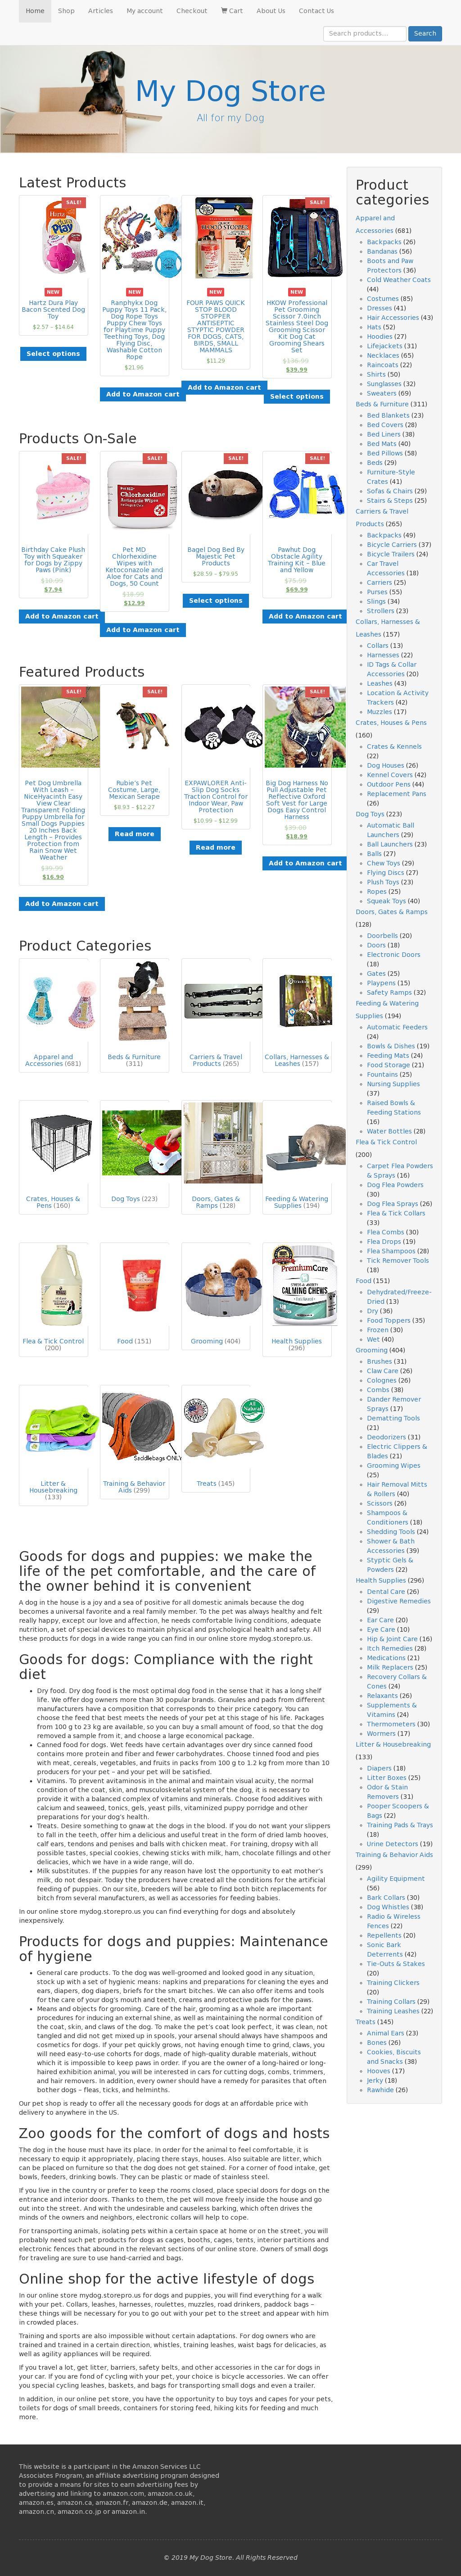 Фото Создаю самонаполняемые сайты и интернет-магазины 3